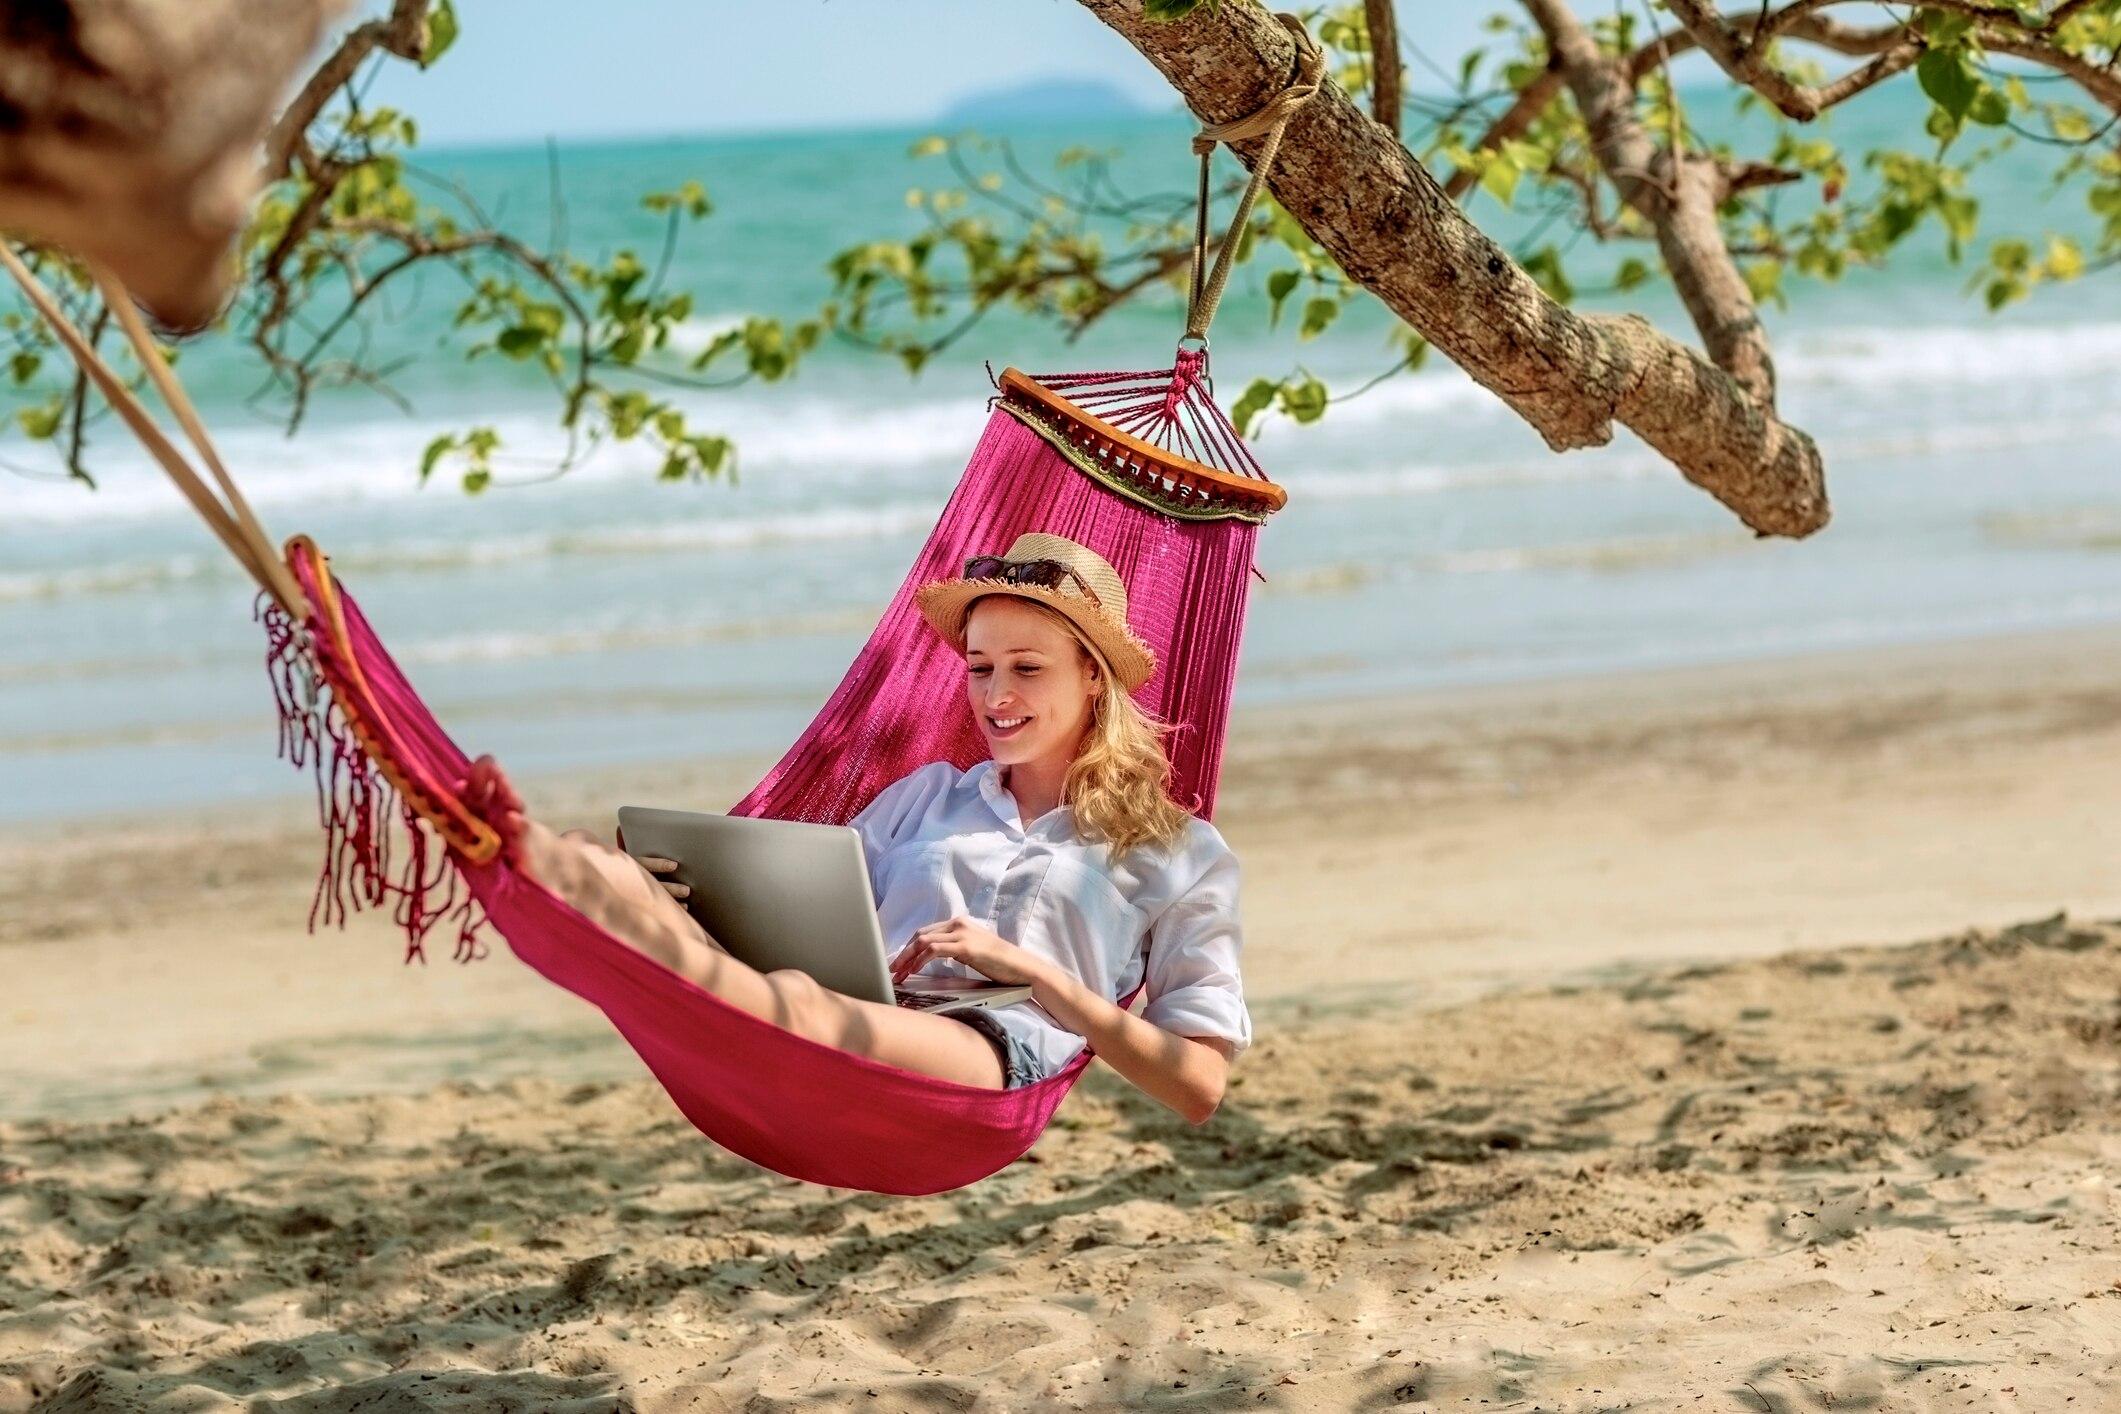 Wie glücklich sind Digital Nomads wirklich?